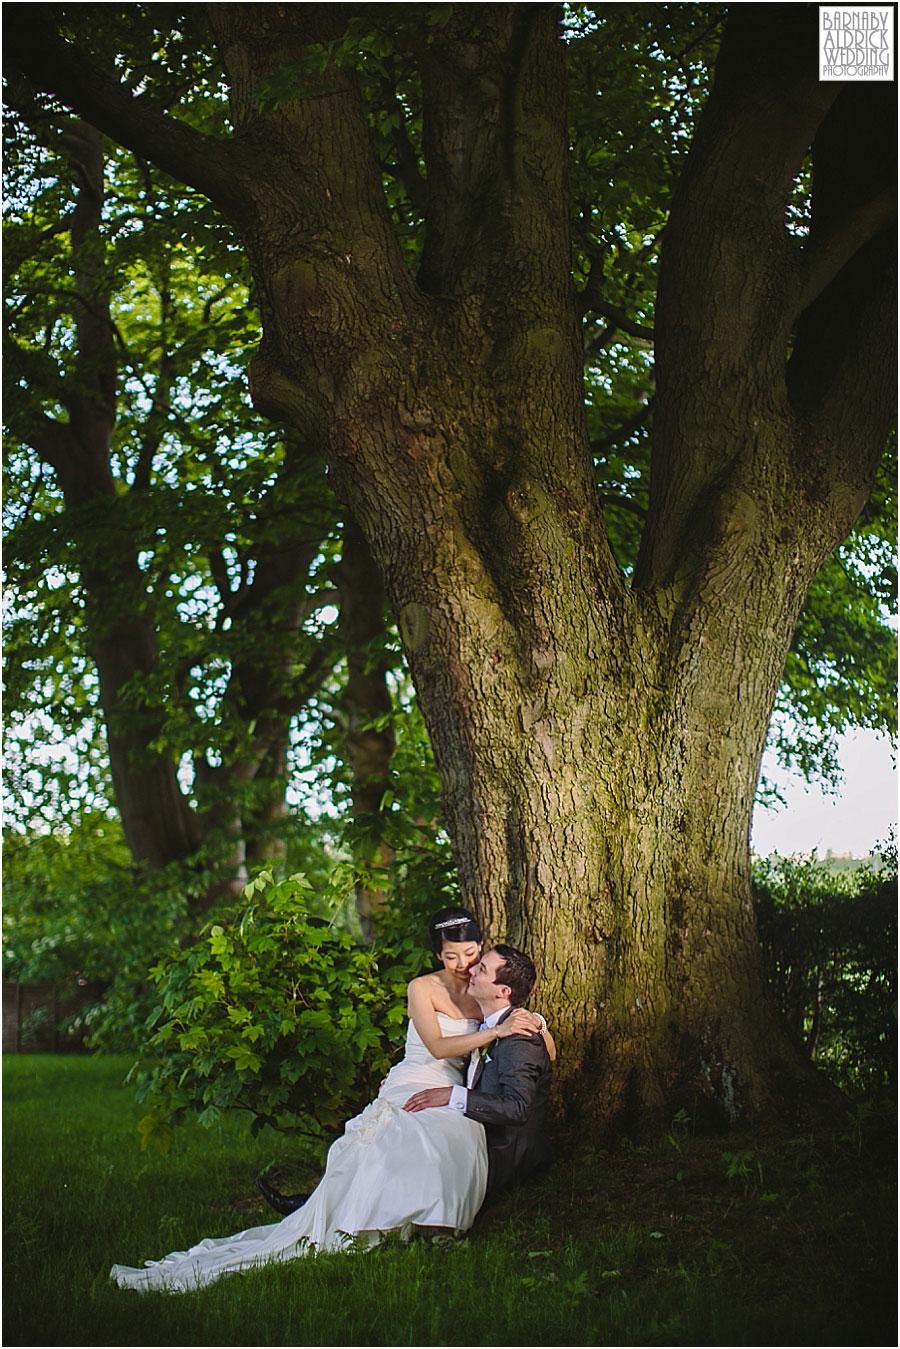 Leeds Wedding Photography 048.jpg